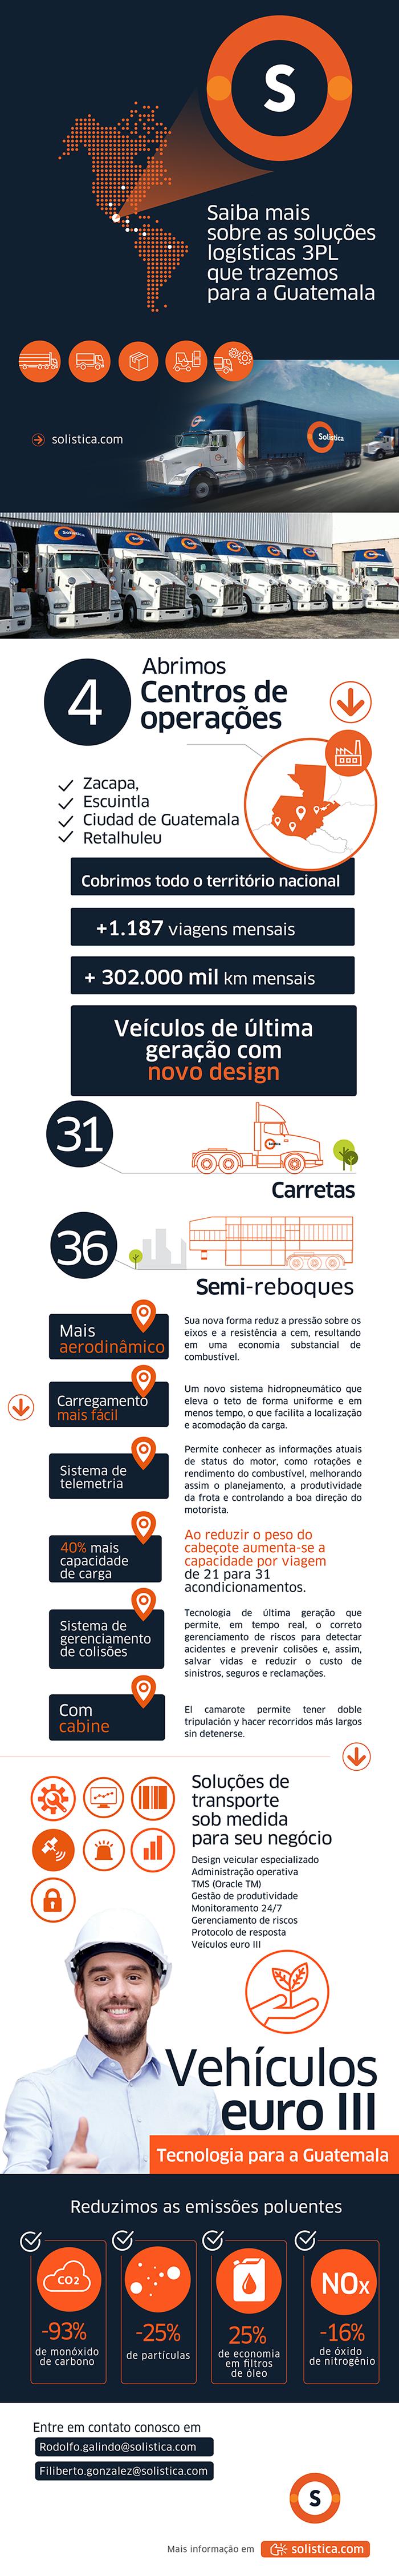 Blog cuerpo (Portugues)  2500 x 11800 px-01